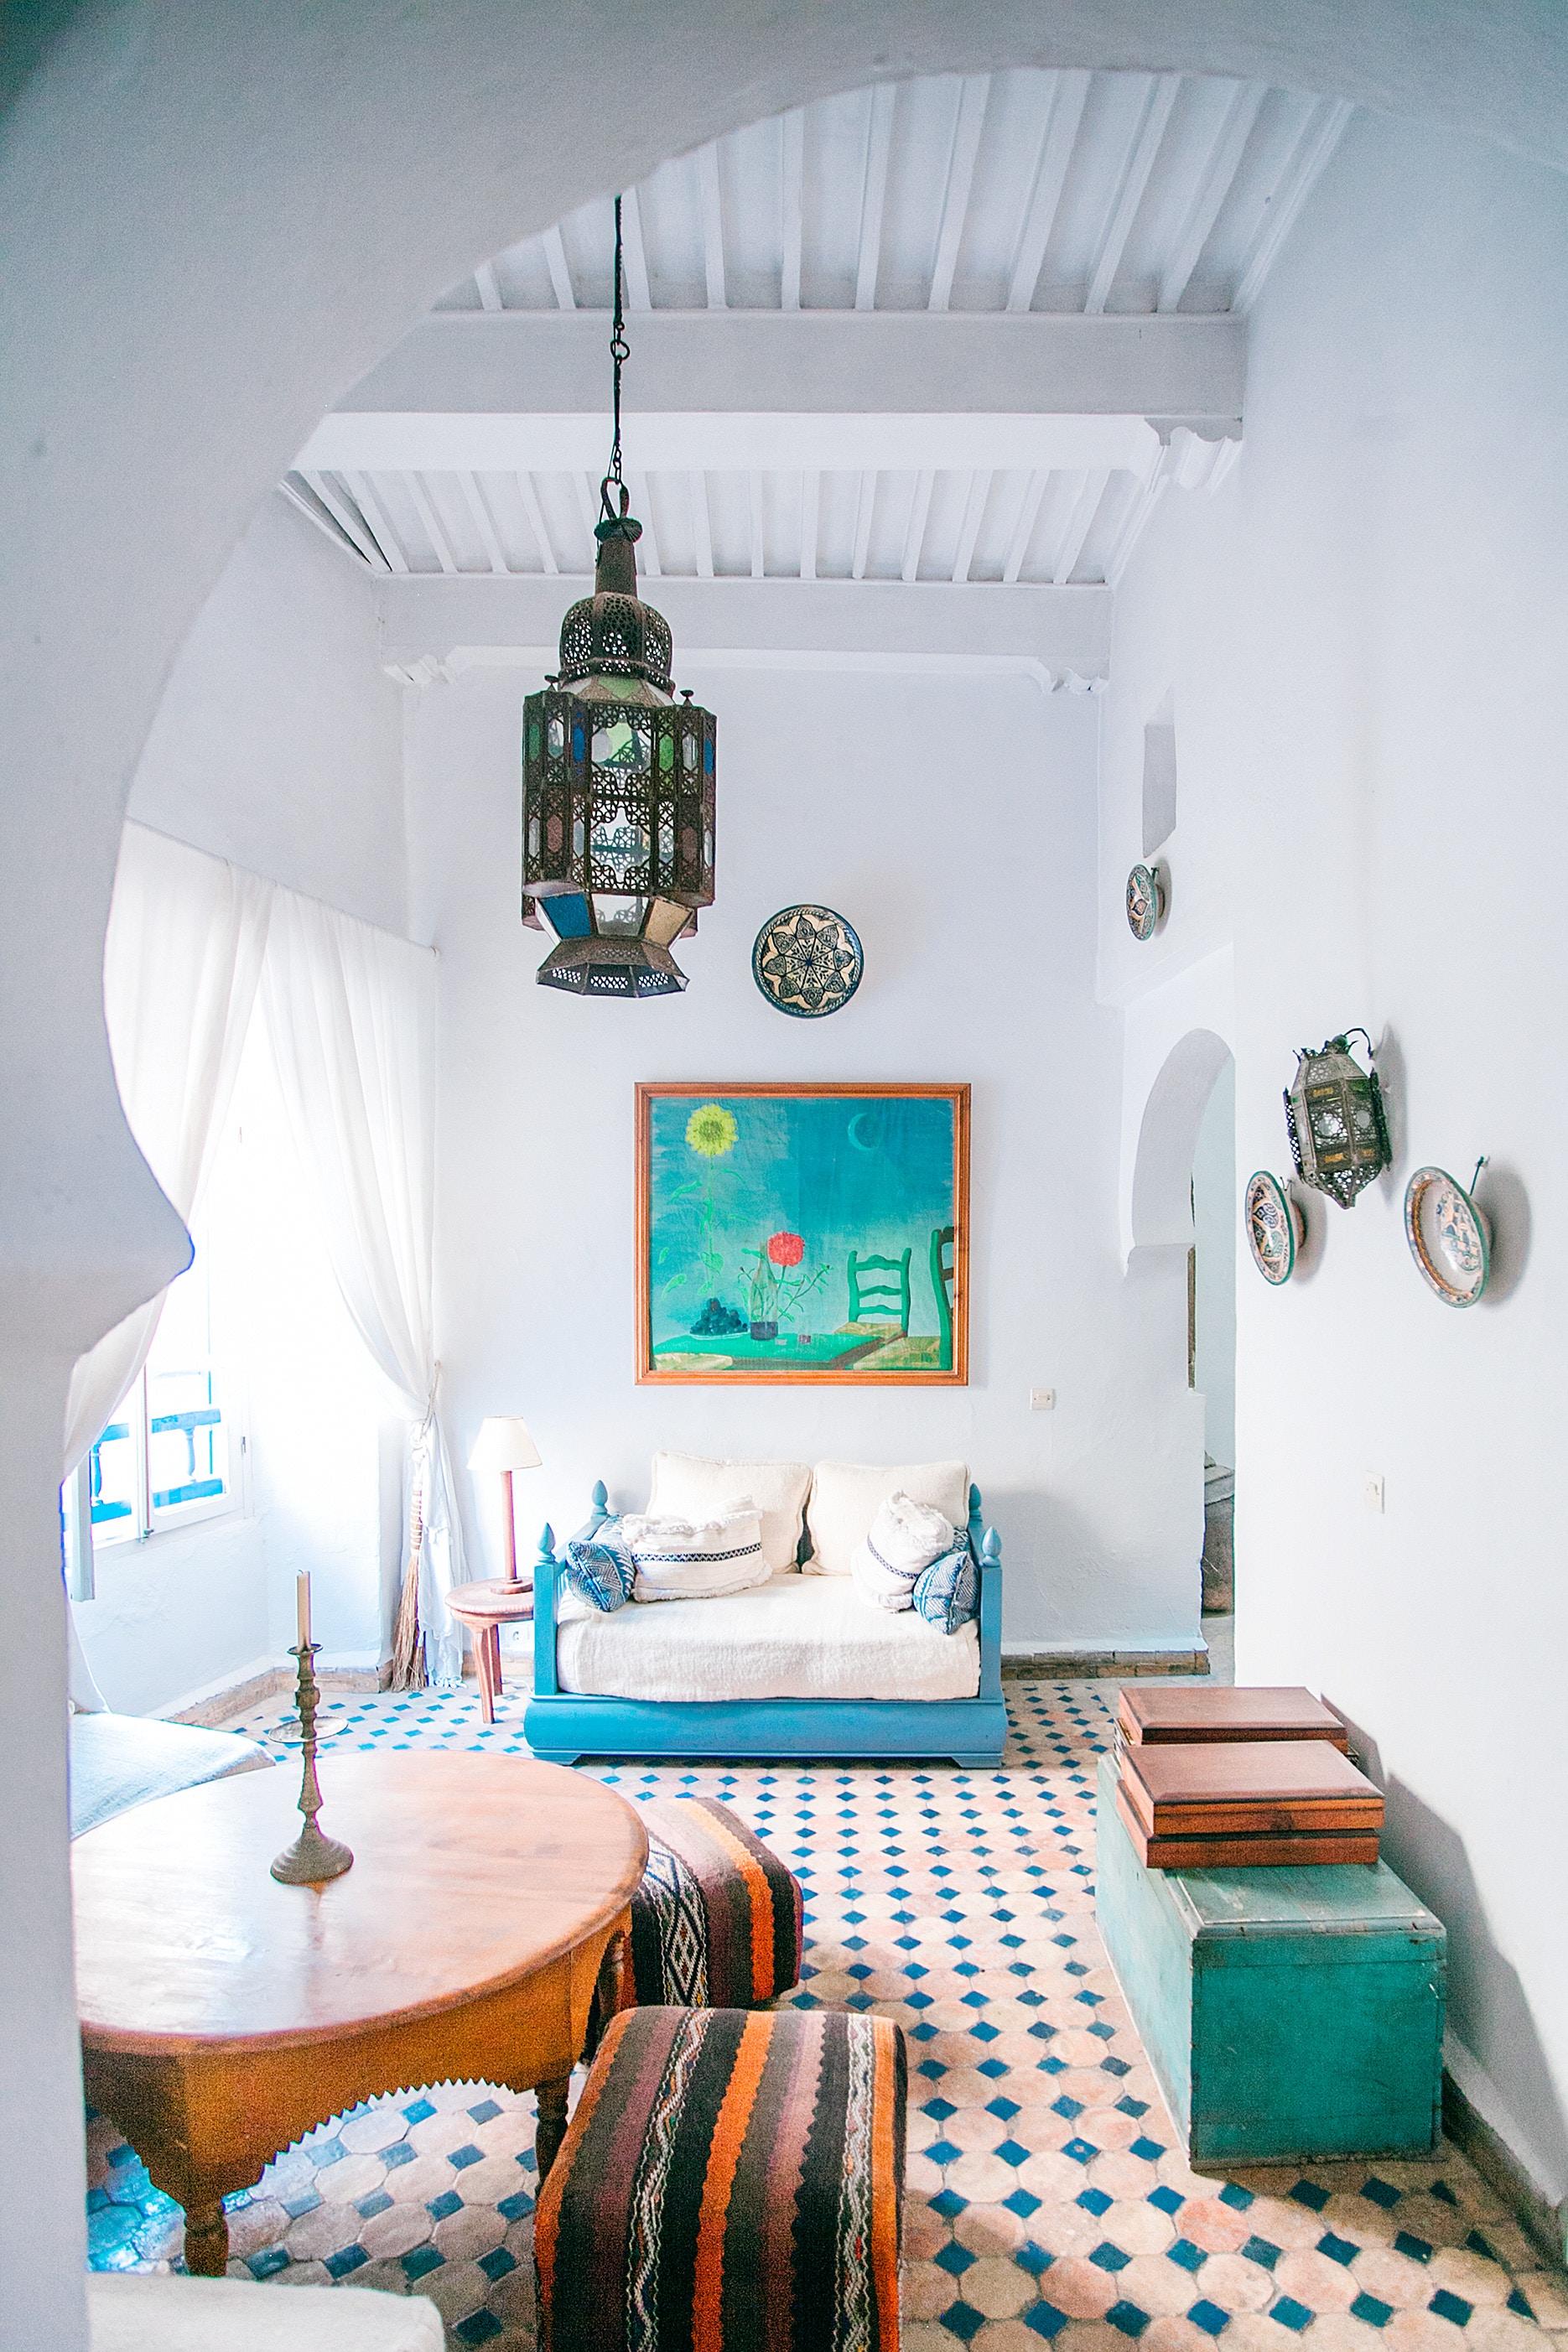 métal-décoration-d'intérieur-style-ethnique